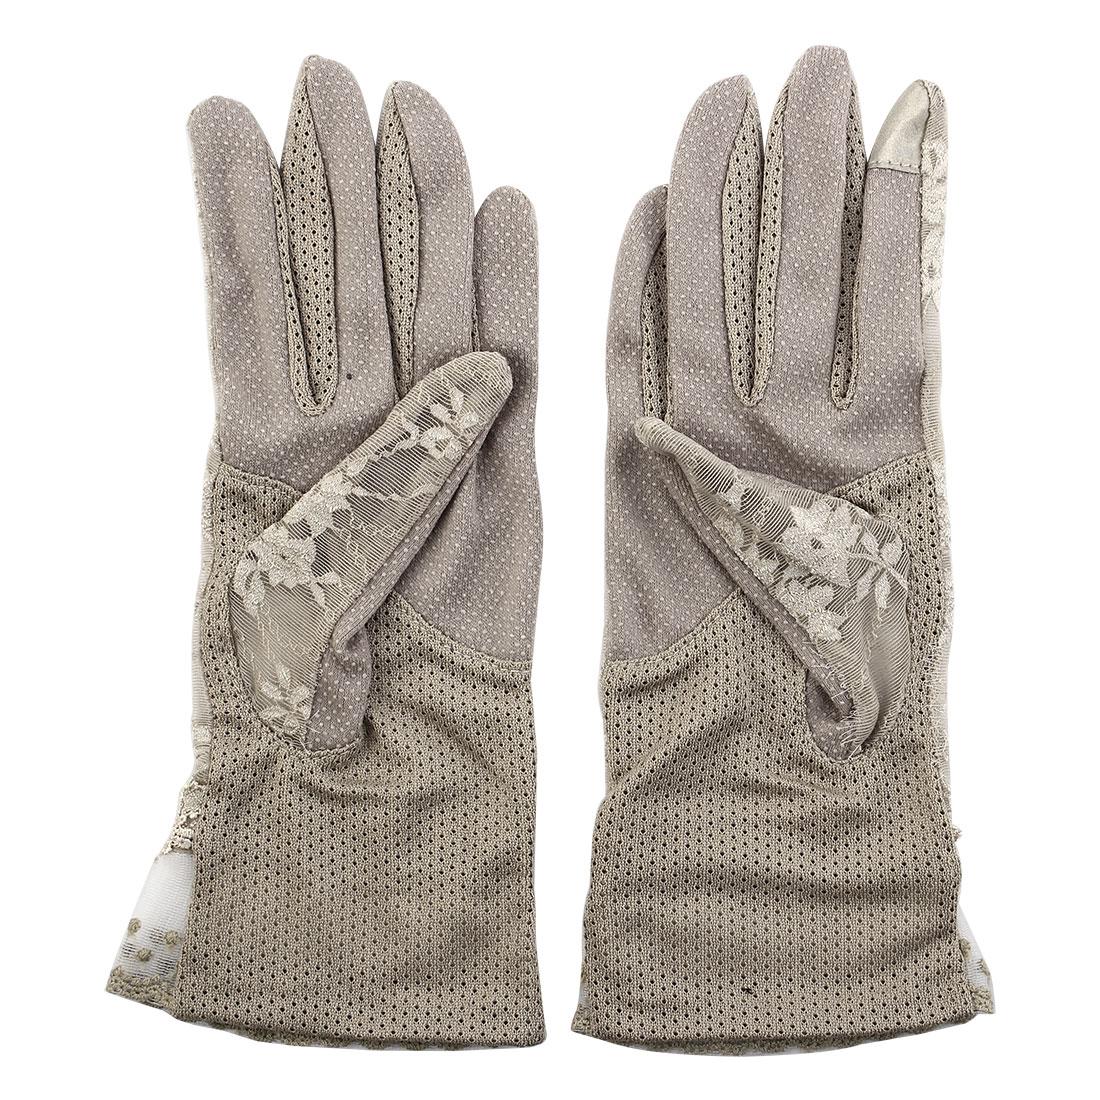 Outdoor Travel Driving Flower Lace Decor Wrist Length Full Finger Sun Resistant Gloves Khaki Pair for Women